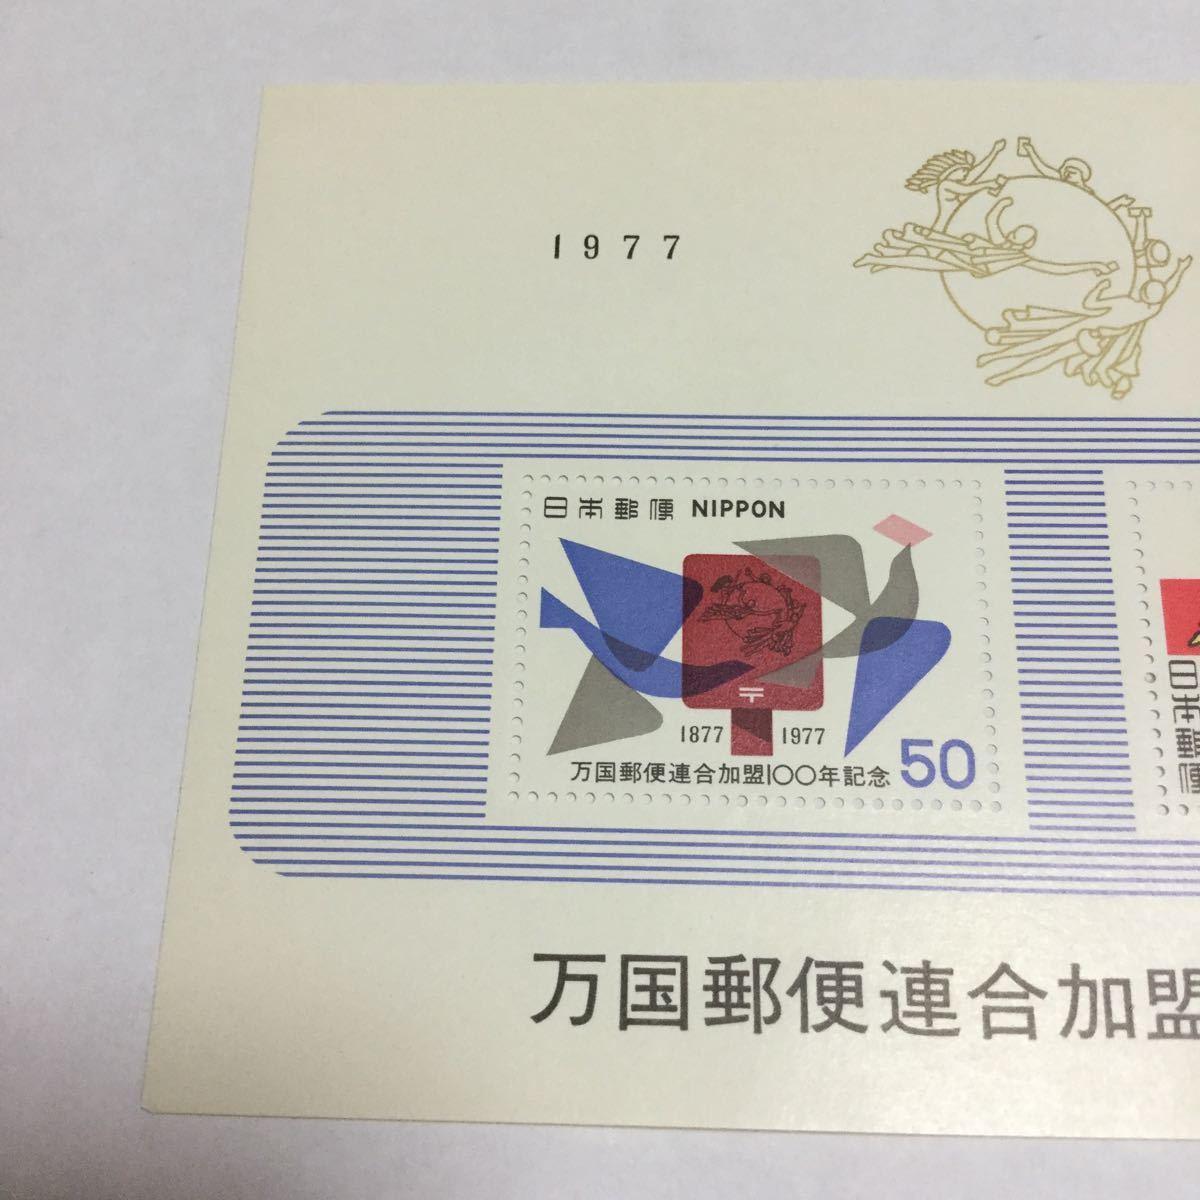 【未使用】万国郵便連合加盟100年記念 切手シート 1977年 記念切手 大蔵省印刷局製造 小型シート 50円 100円_画像2